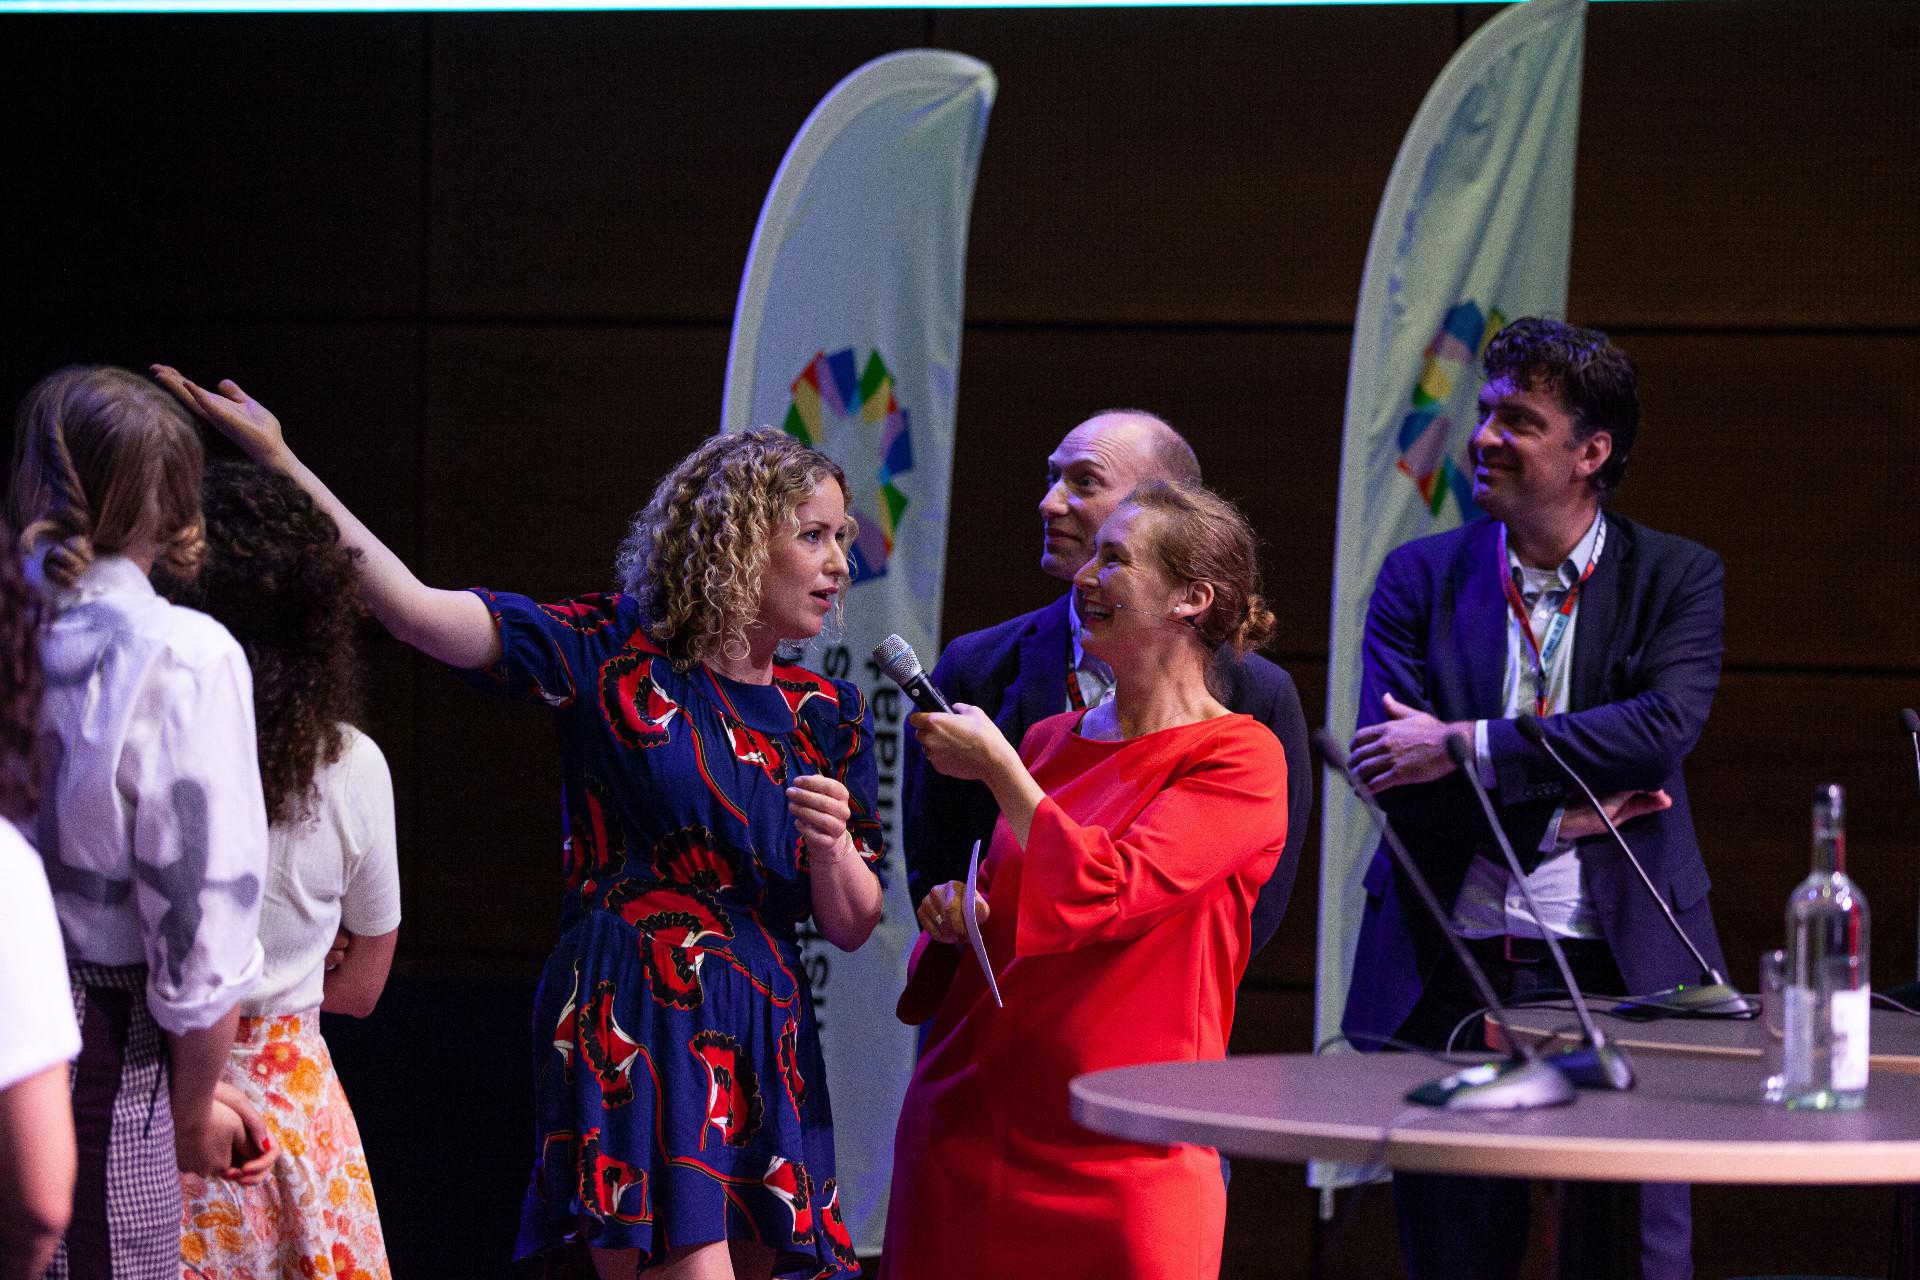 Dagvoorzitter Natasja van den Berg op het podium in gesprek met initiatiefnemers Klimaatakkoord